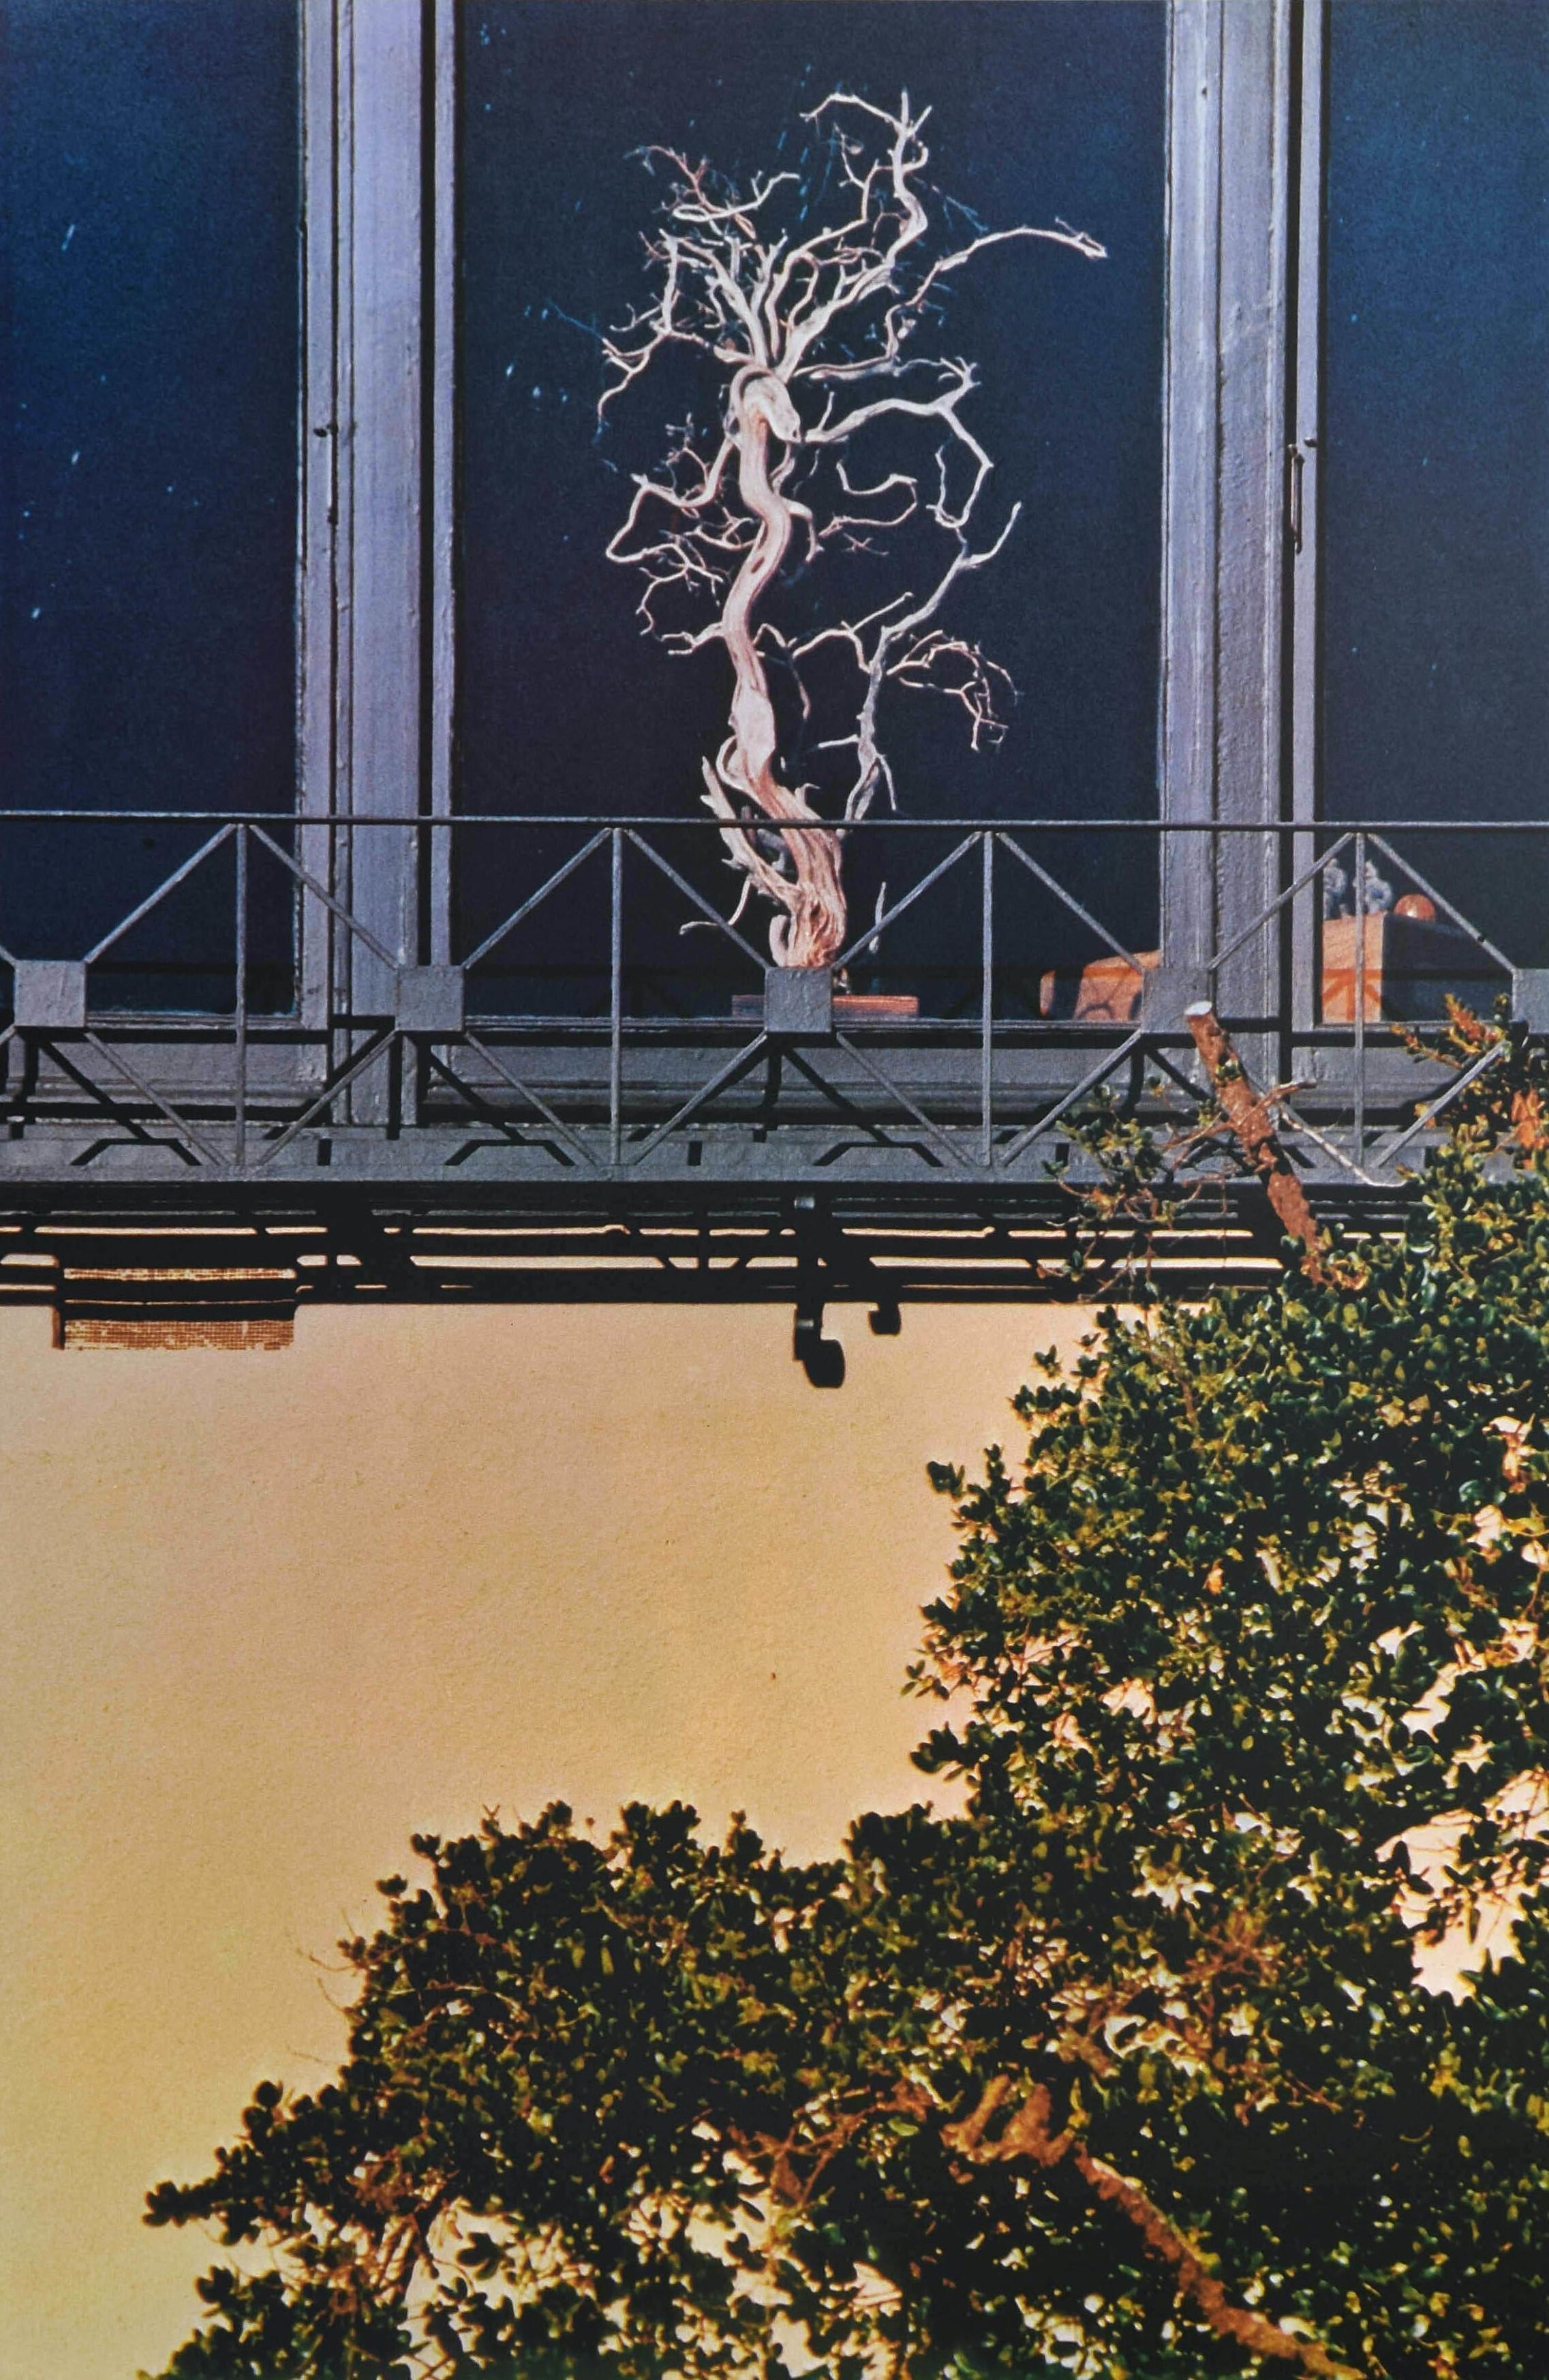 Городской пейзаж, 1980-е. Фотограф Франко Фонтана